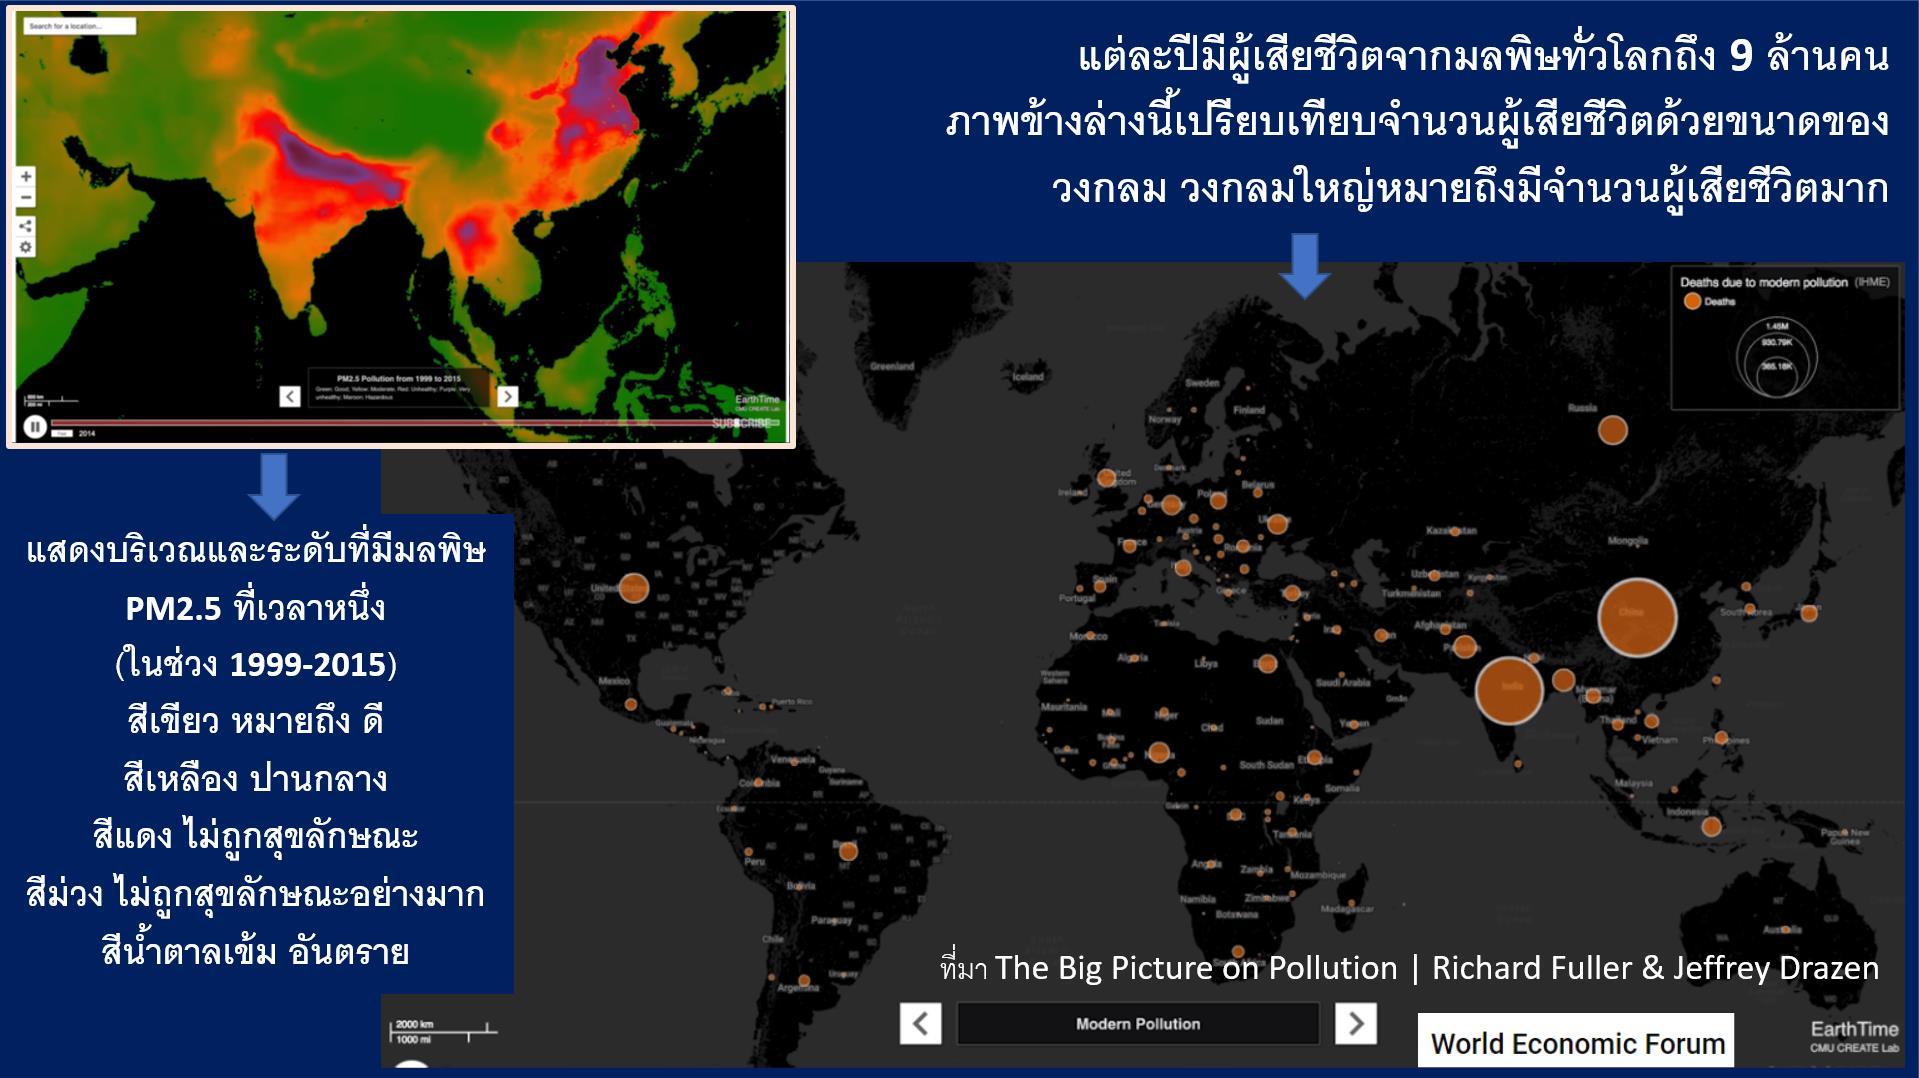 ถ้ายึดมั่นในข้อตกลงปารีส มลพิษ PM2.5 ก็จะหายไปเอง